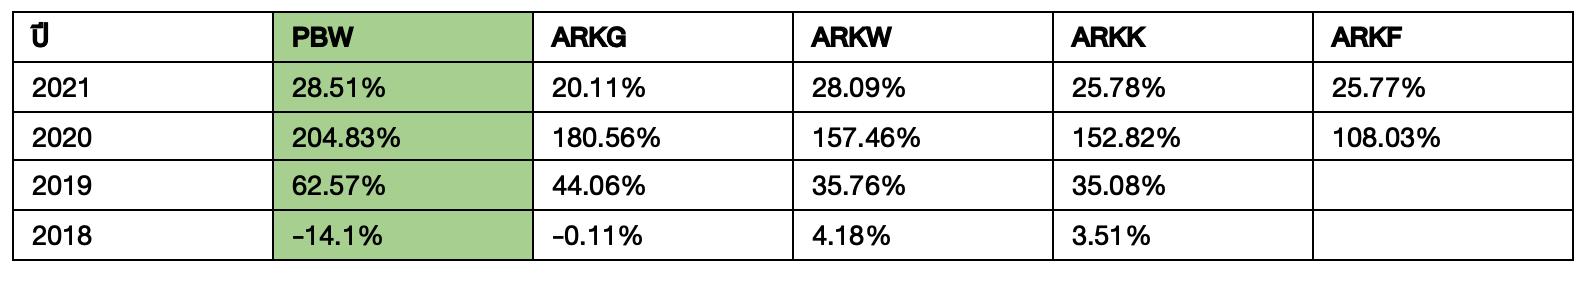 ส่อง ETF ที่ชนะ ARK 2 ปีซ้อน !